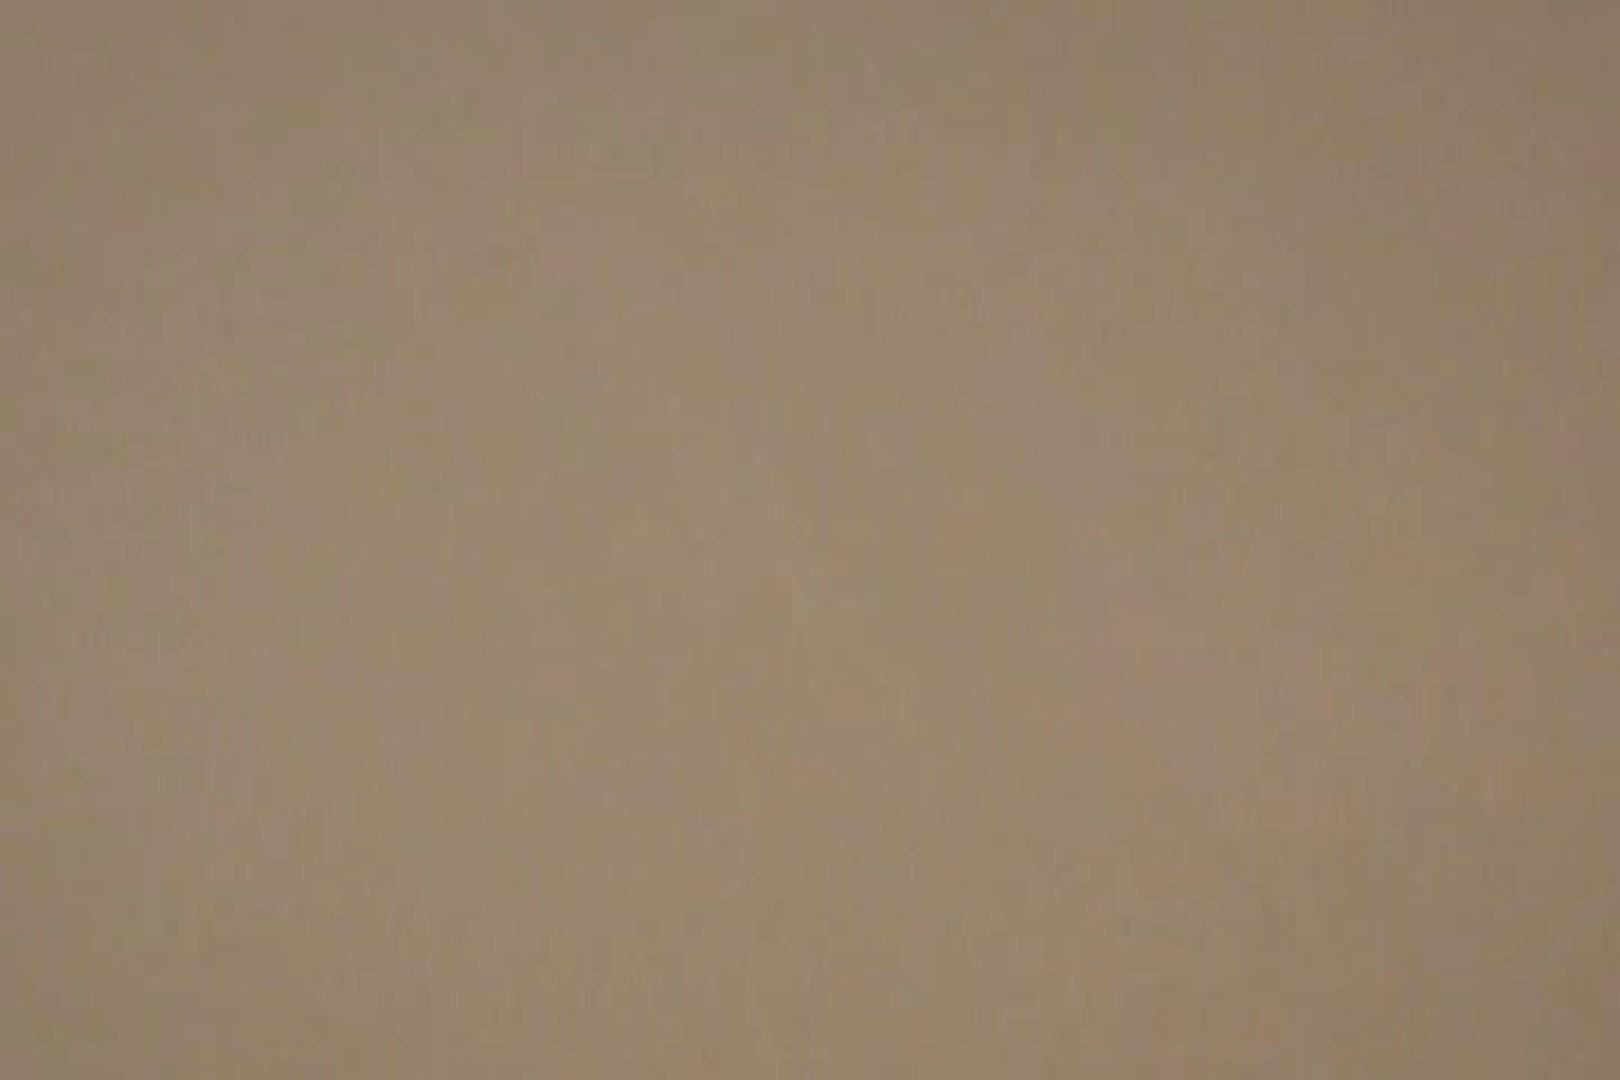 まだX2イクゼ!イケメンノンケのドッきりあな~る弄りタイムvol.02 スリム美少年系ジャニ系 ゲイSEX画像 68枚 24